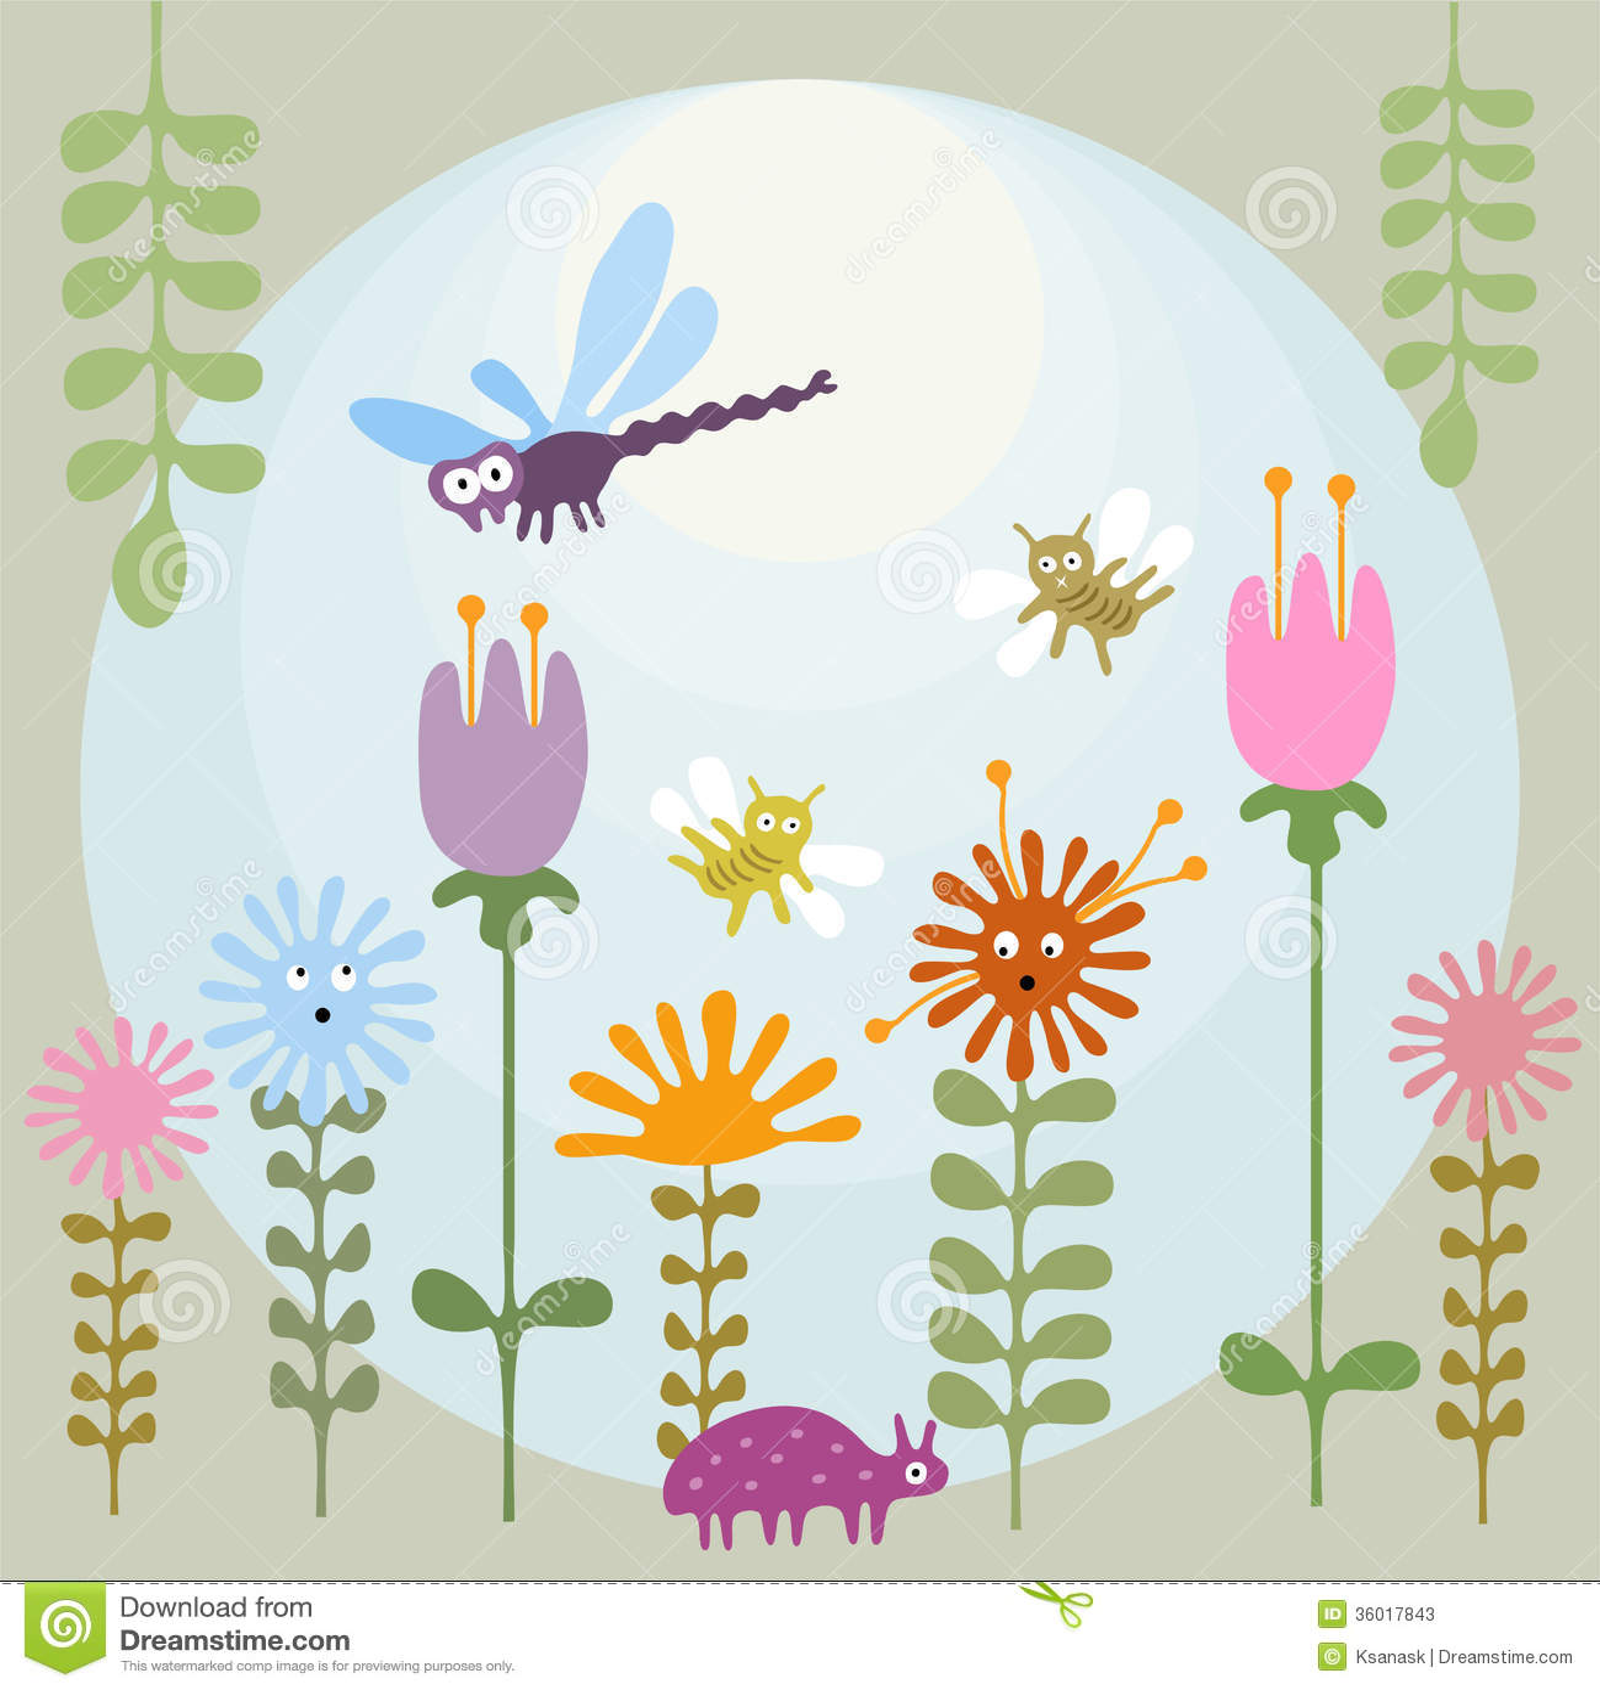 Flower garden cartoon - Cartoon Cute Eyed Flower Garden